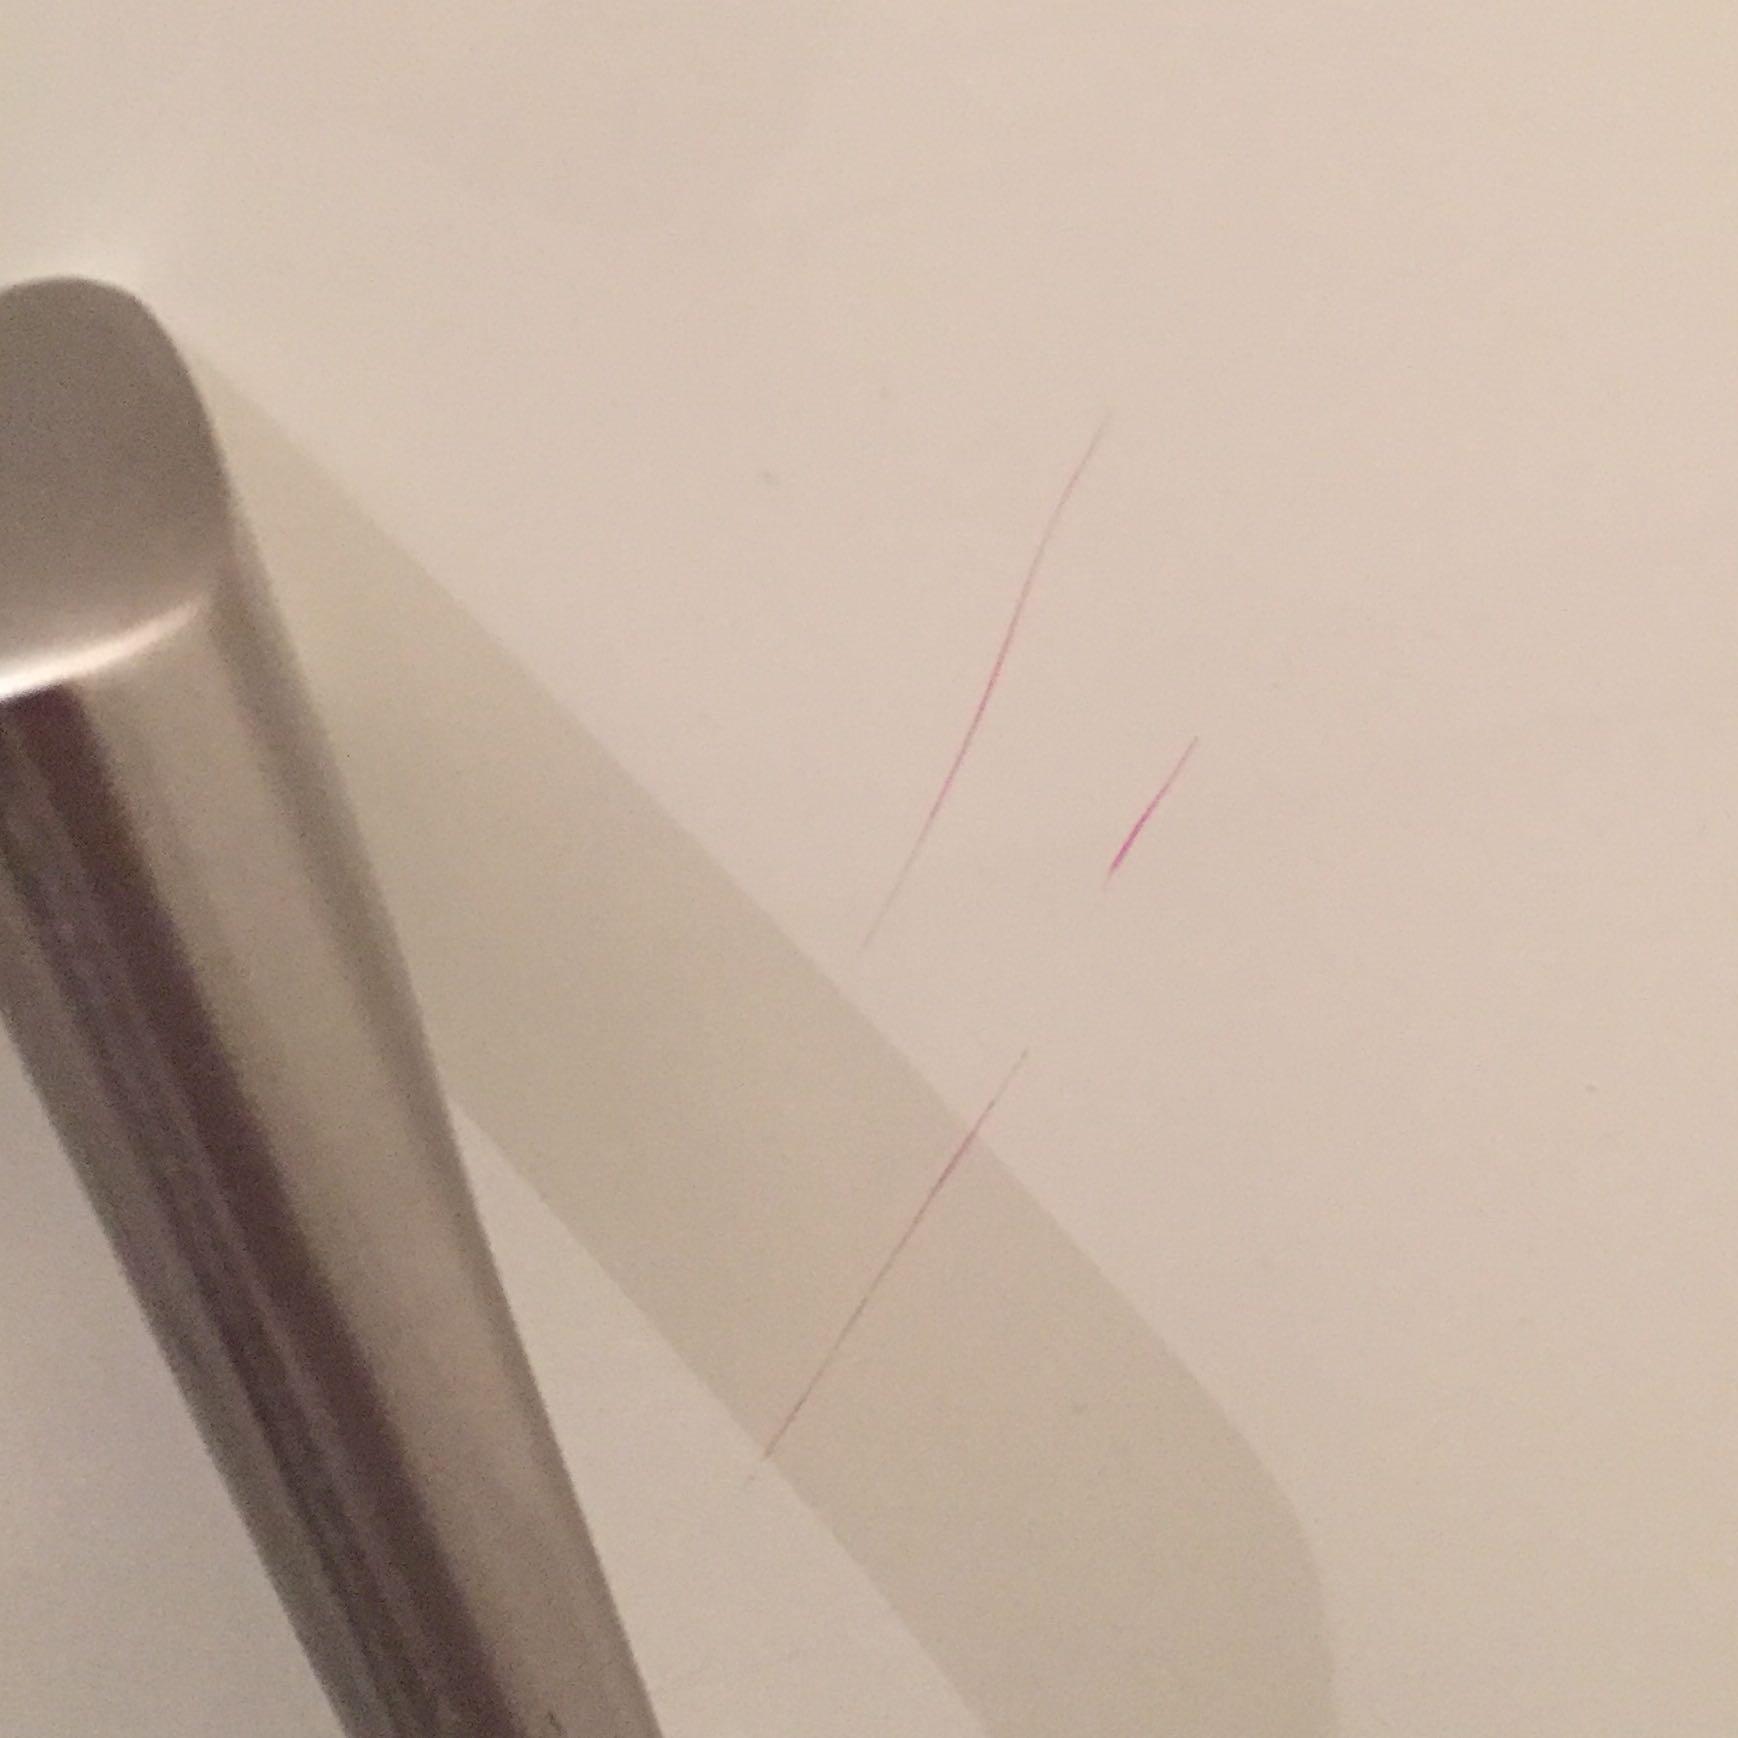 Hochglanz Küche Putzen Mit Microfaser ~ kratzer aus weißer hochglanz küche rausbekommen (lack, polieren)